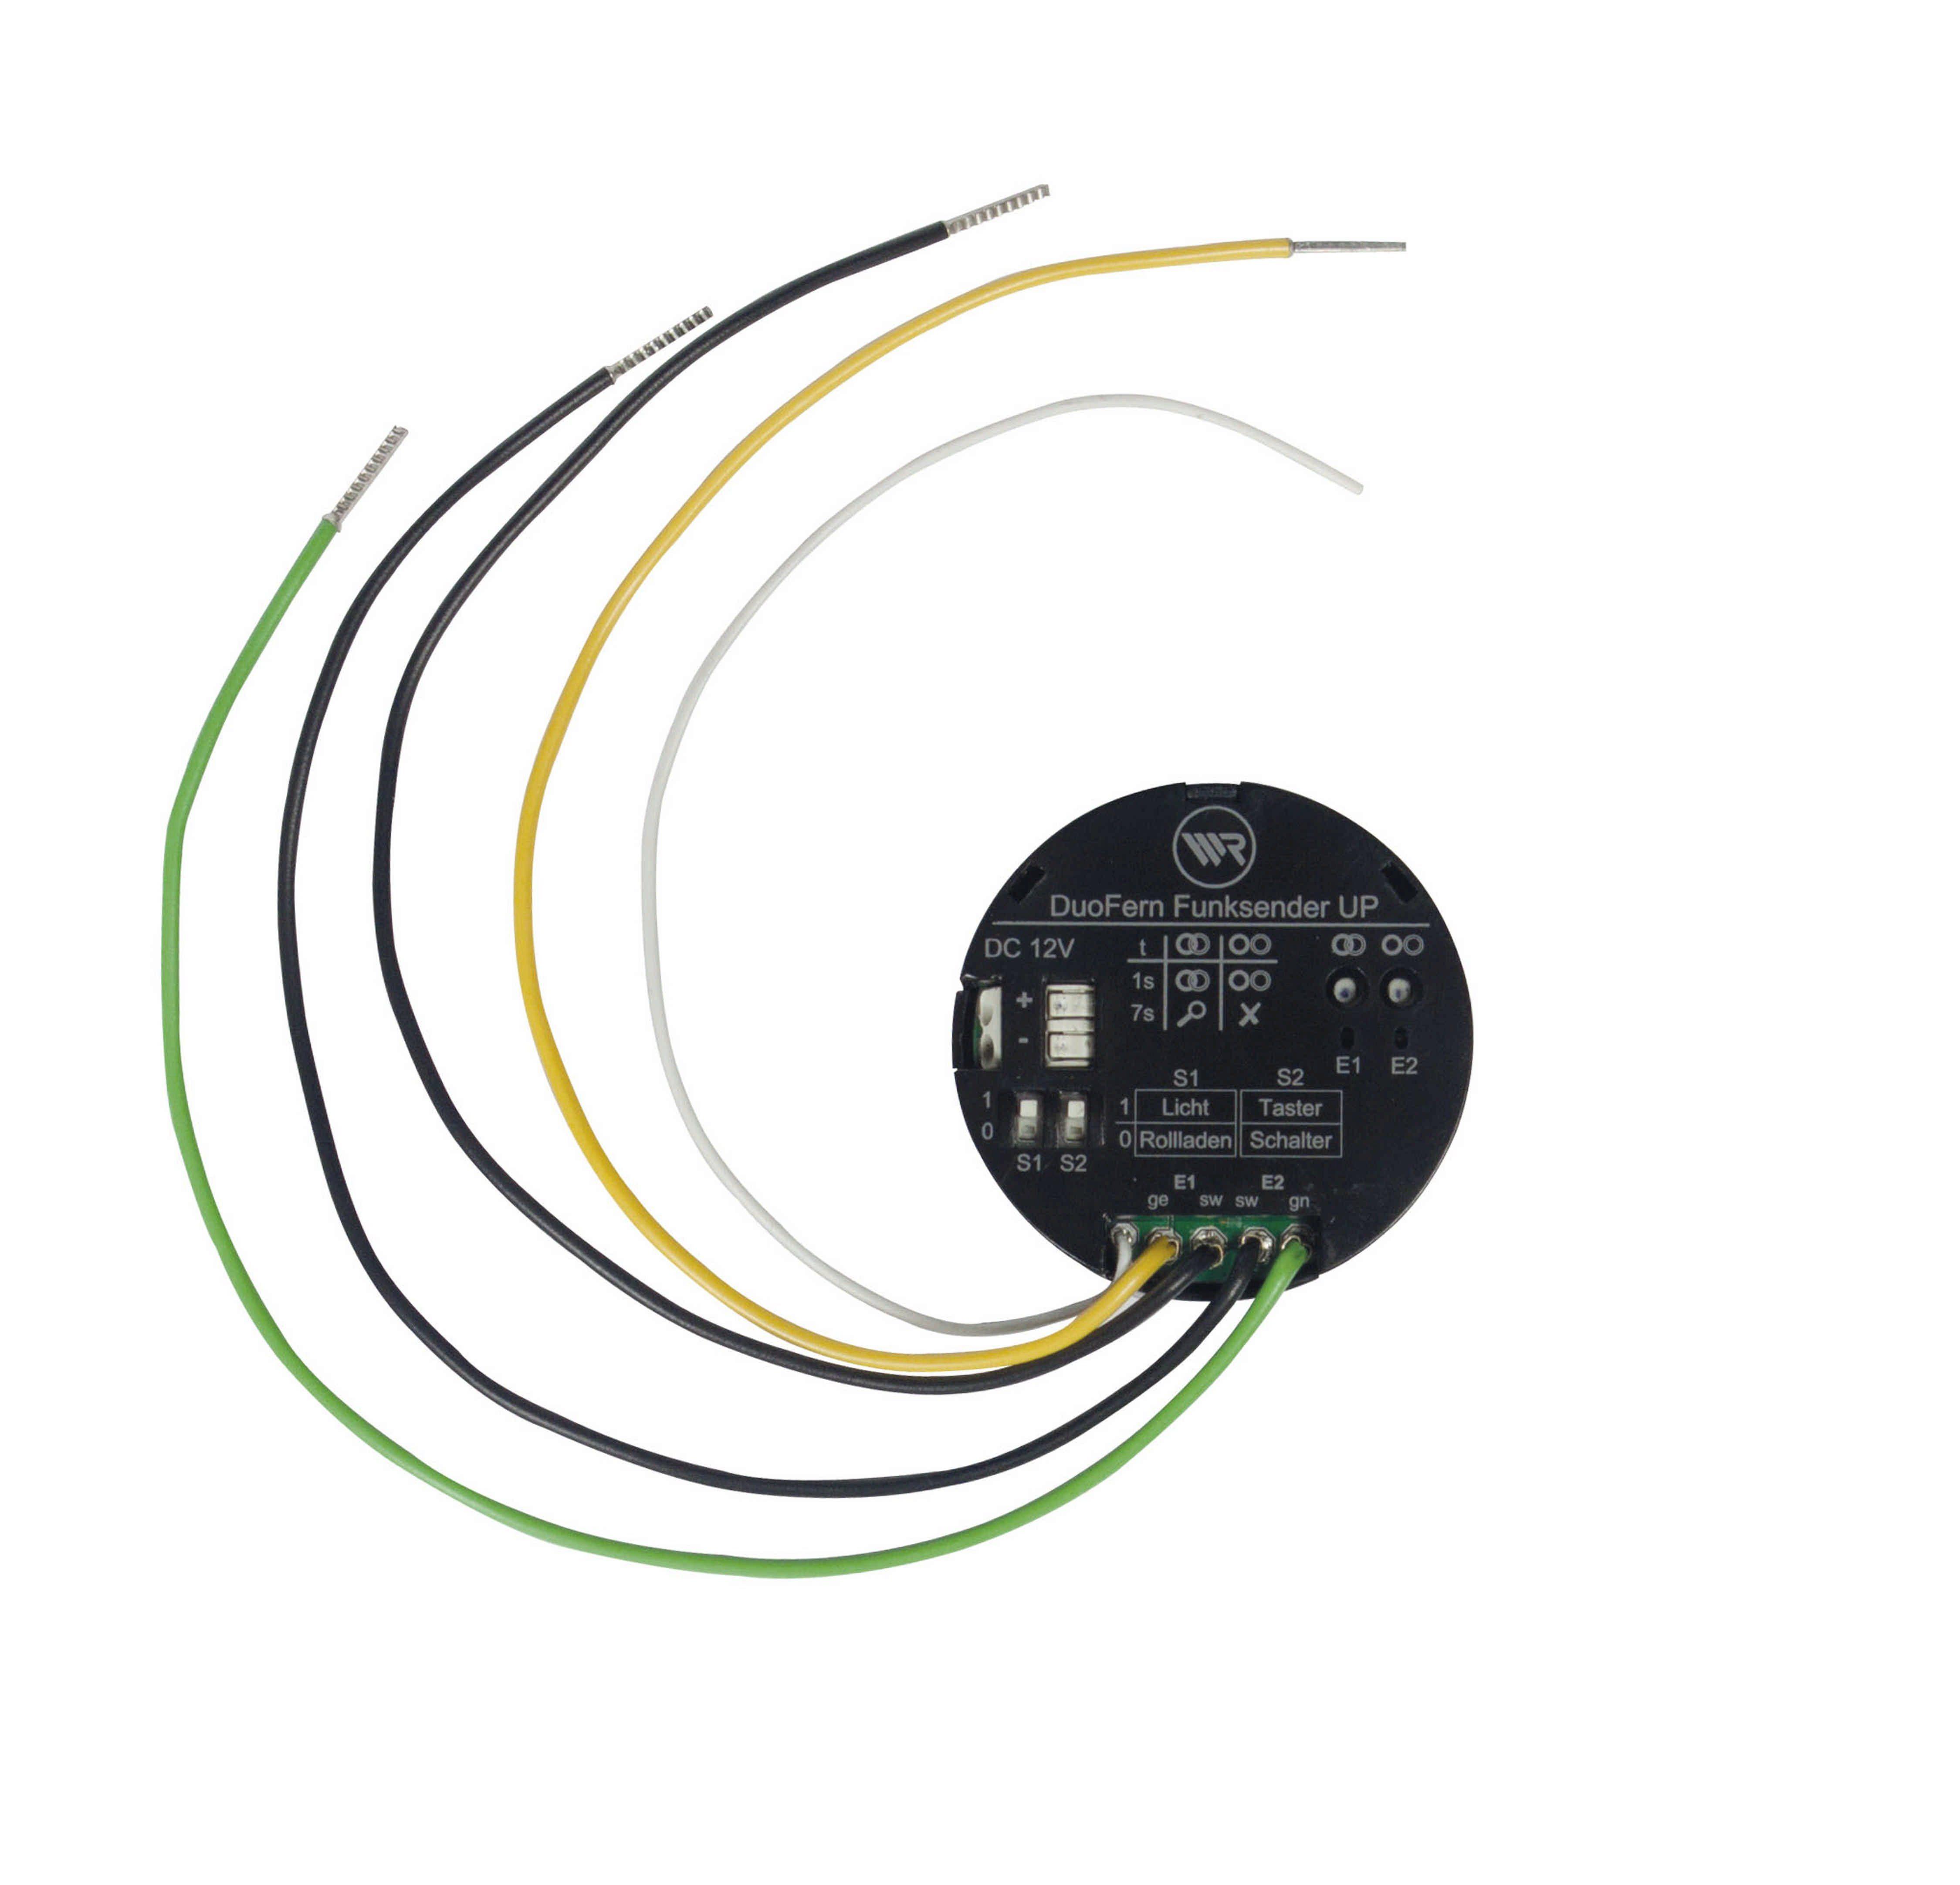 Rademacher Smart Home - Unterputz Funksender UP »DuoFern - 9497«